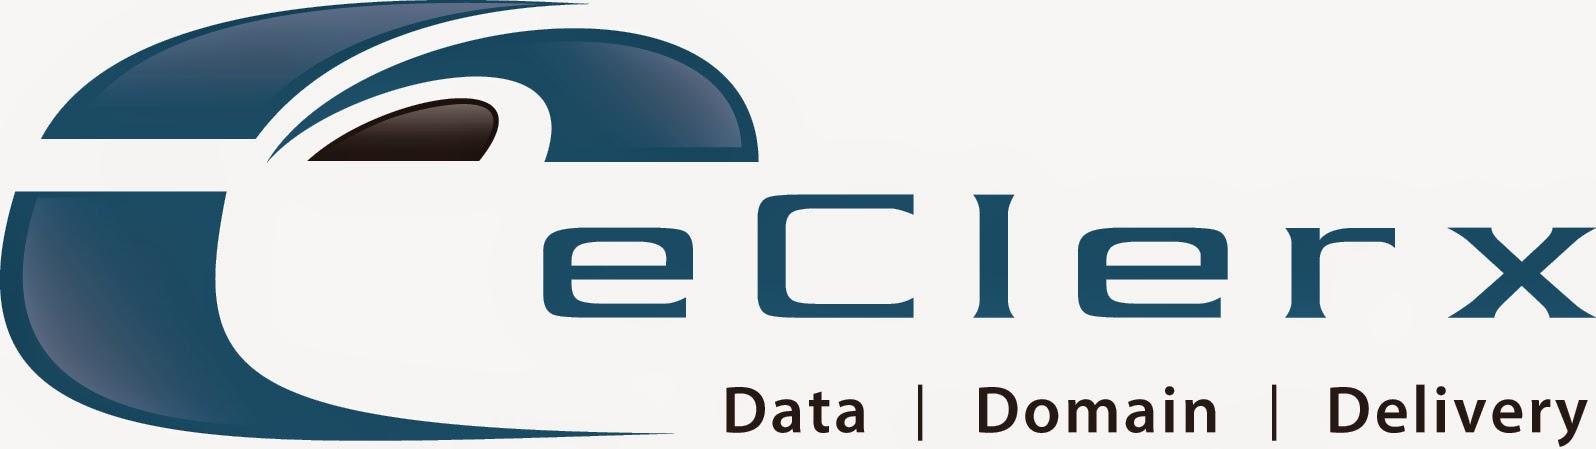 Job description e clerx cce skilllabs for Tata motors recruitment process